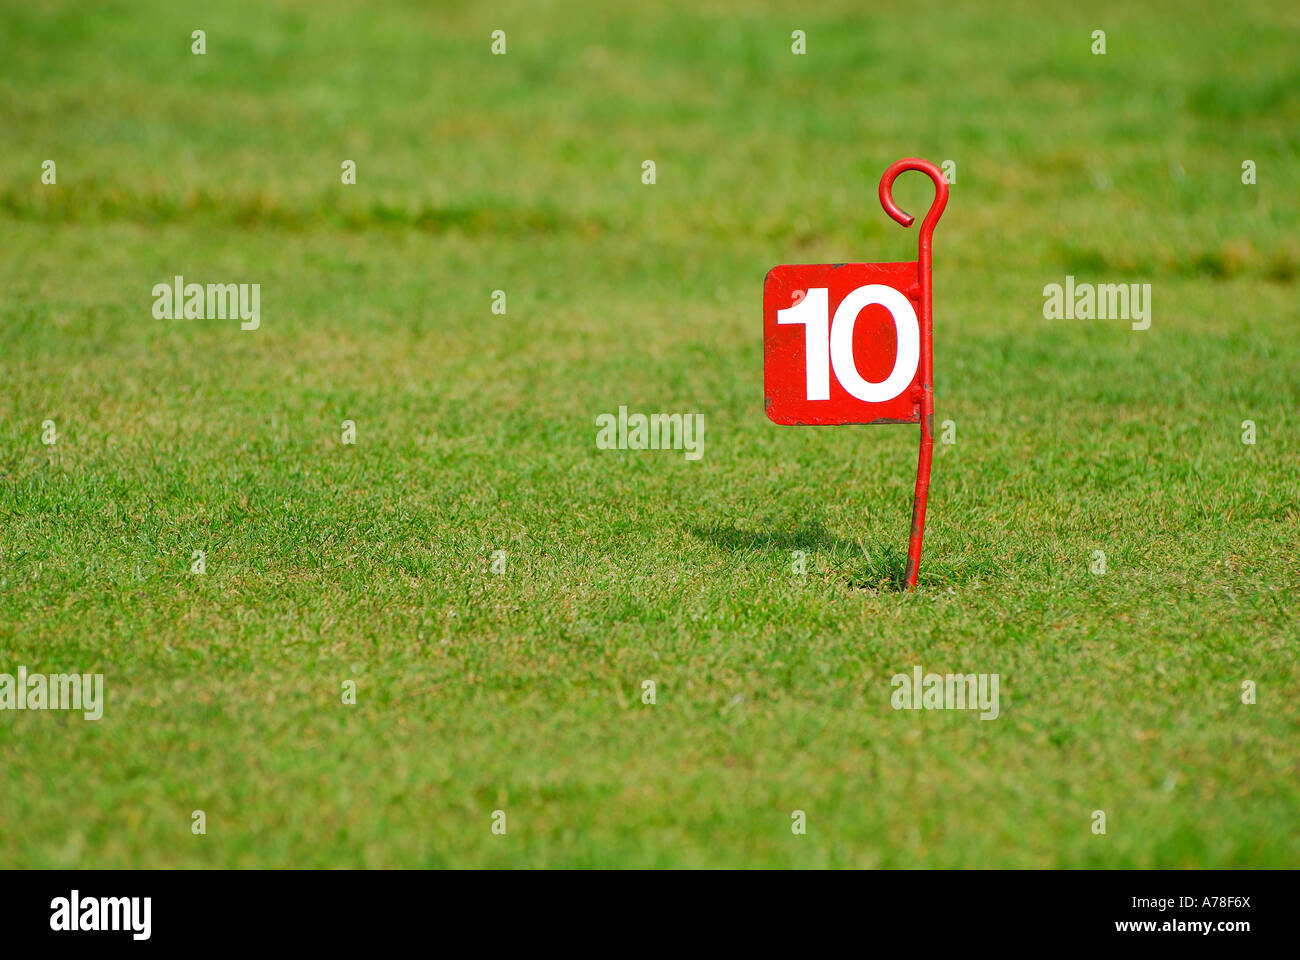 Numero 10 dipinta sul metallo rosso bandiera di golf Immagini Stock